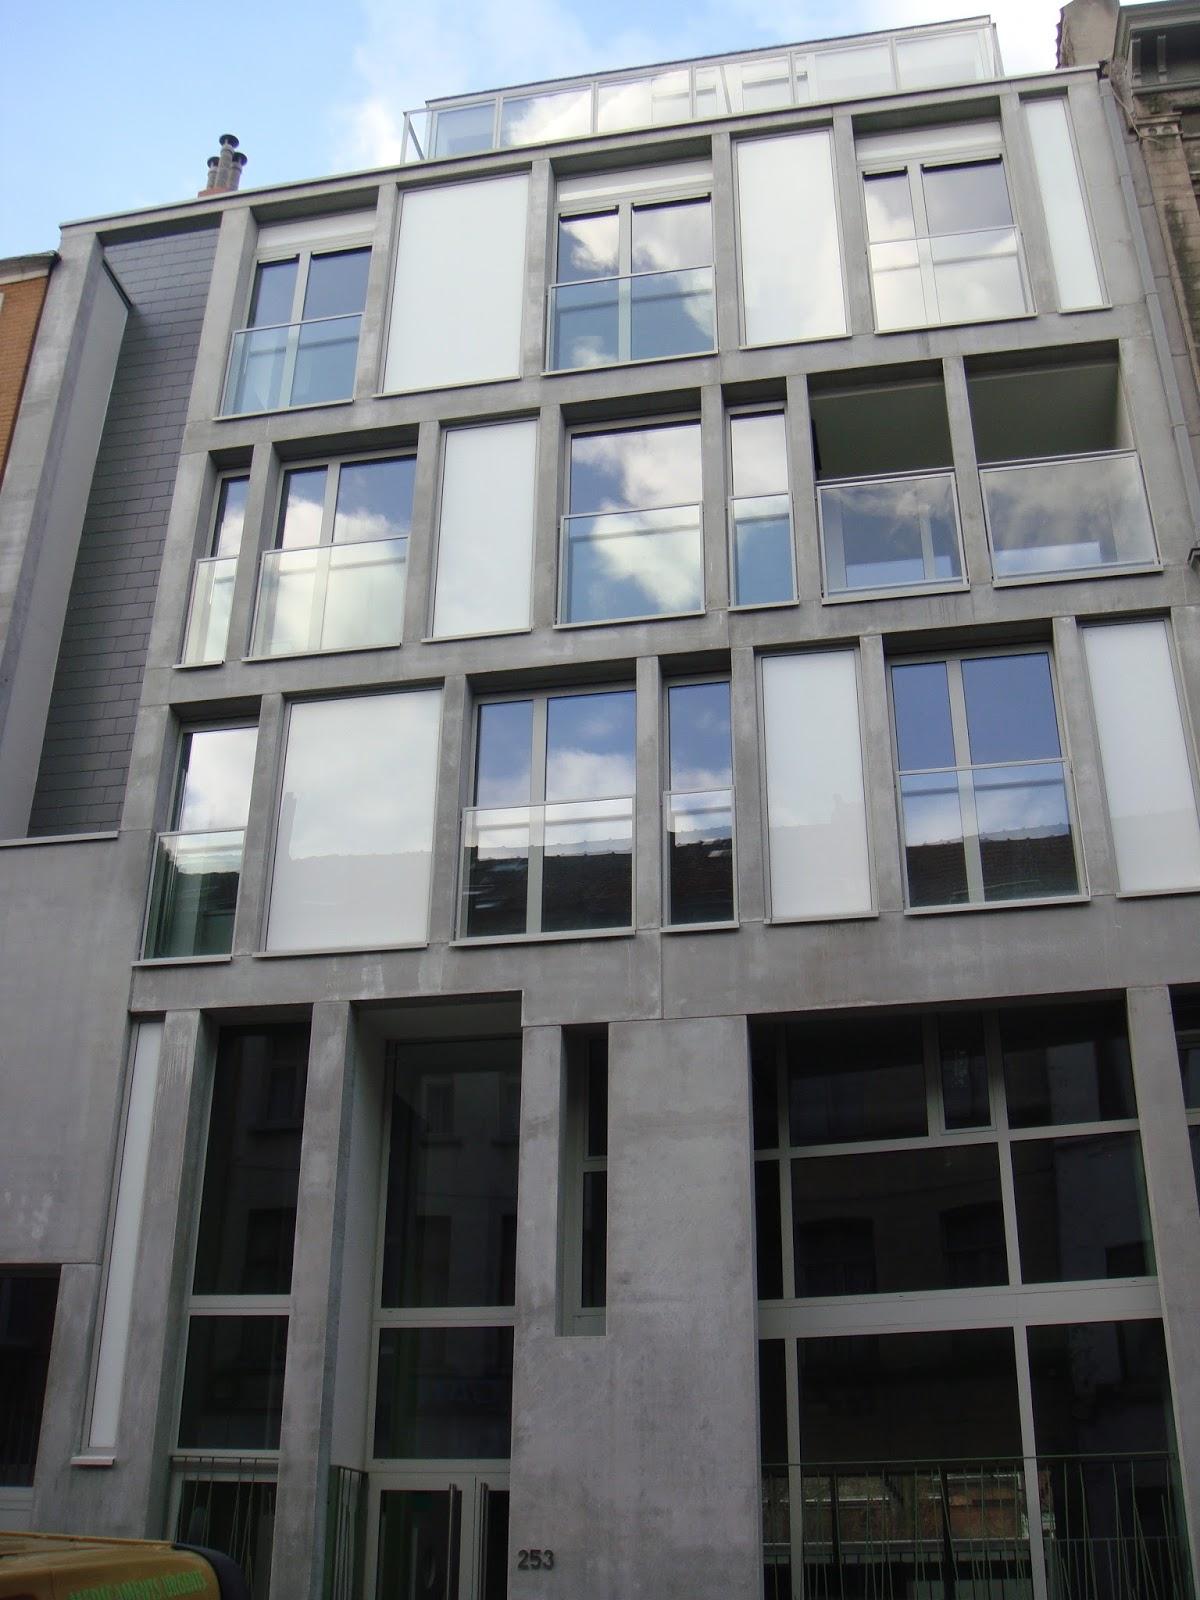 La maison des femmes de schaerbeek het vrouwenhuis for Adresse maison communale schaerbeek